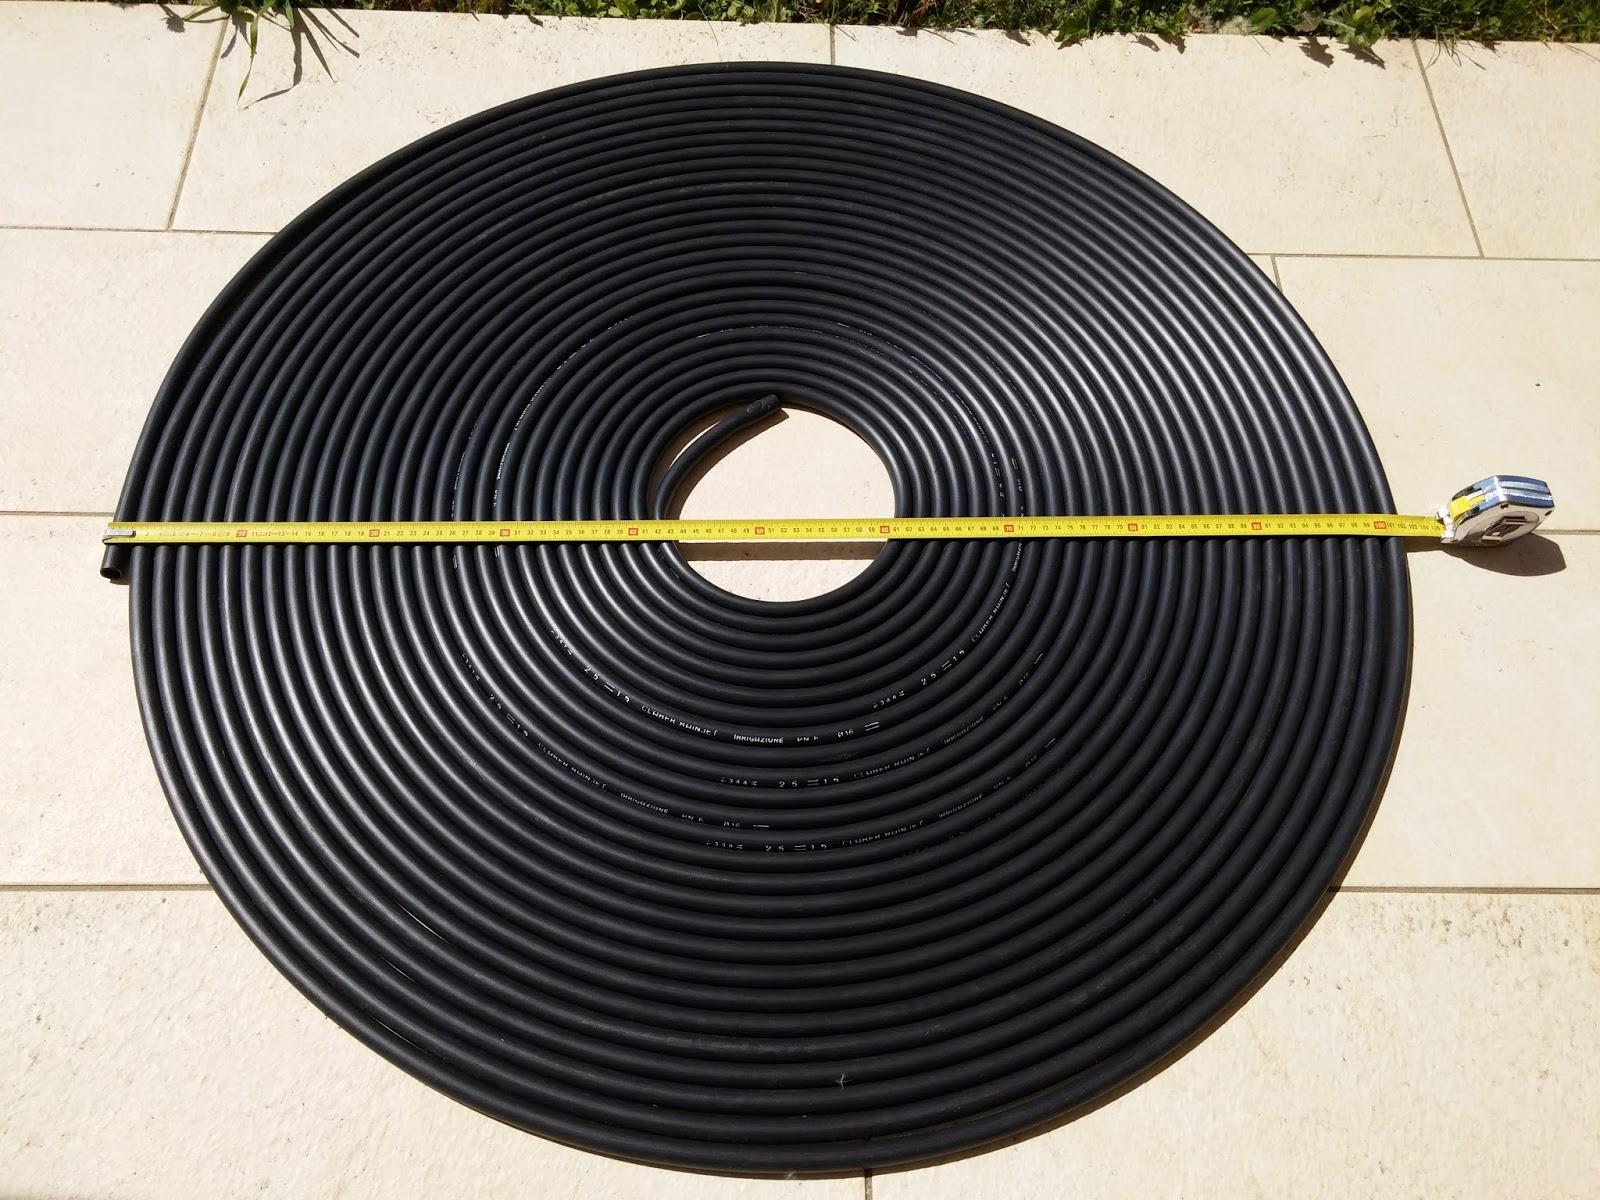 Fabriquer un panneau chauffe eau solaire pour piscine - Fabriquer un chauffe eau piscine bois ...